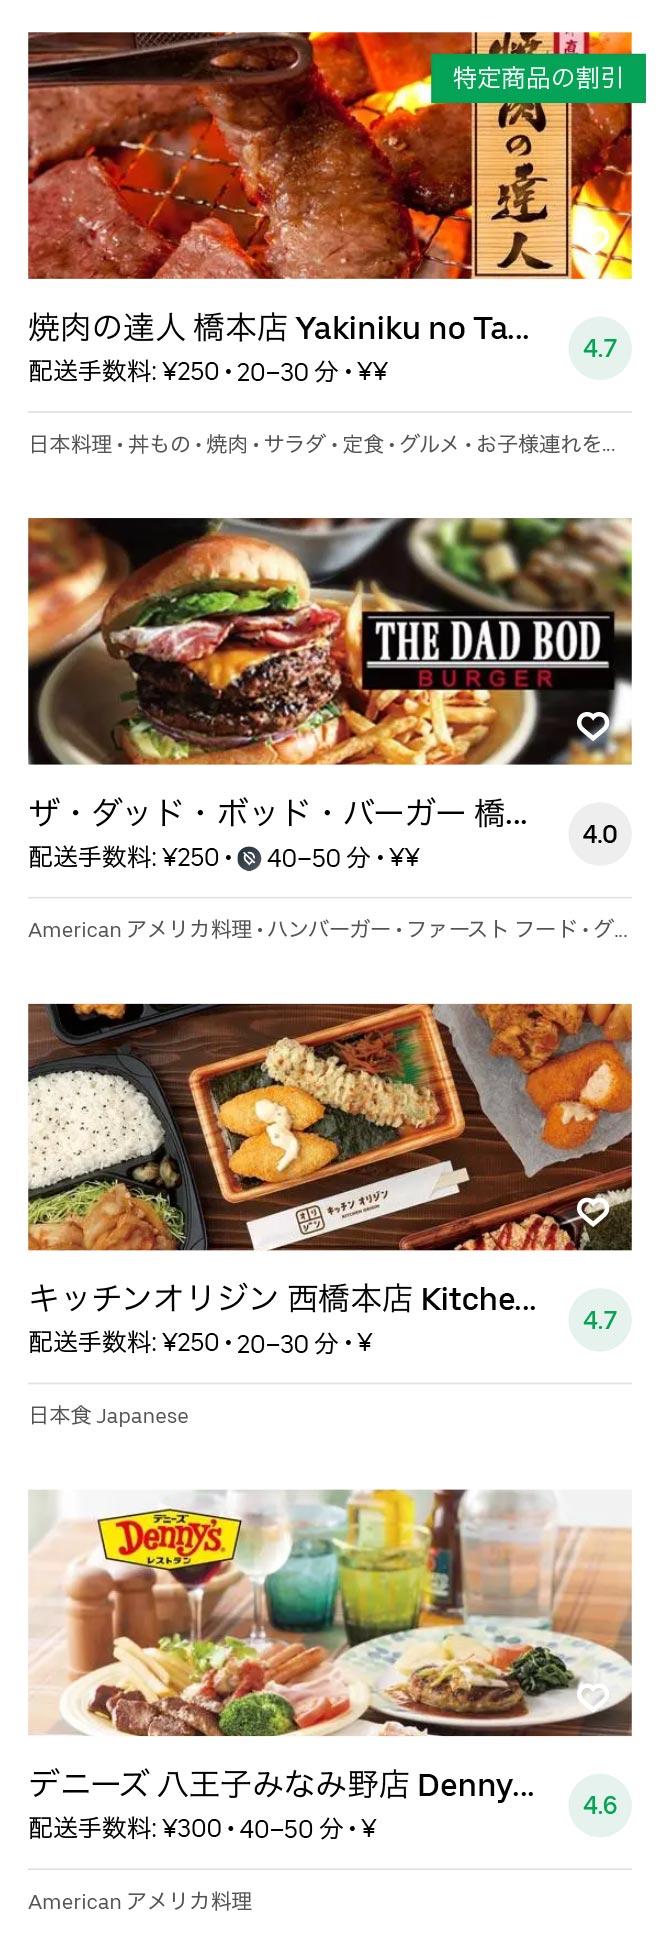 Aihara menu 2010 11